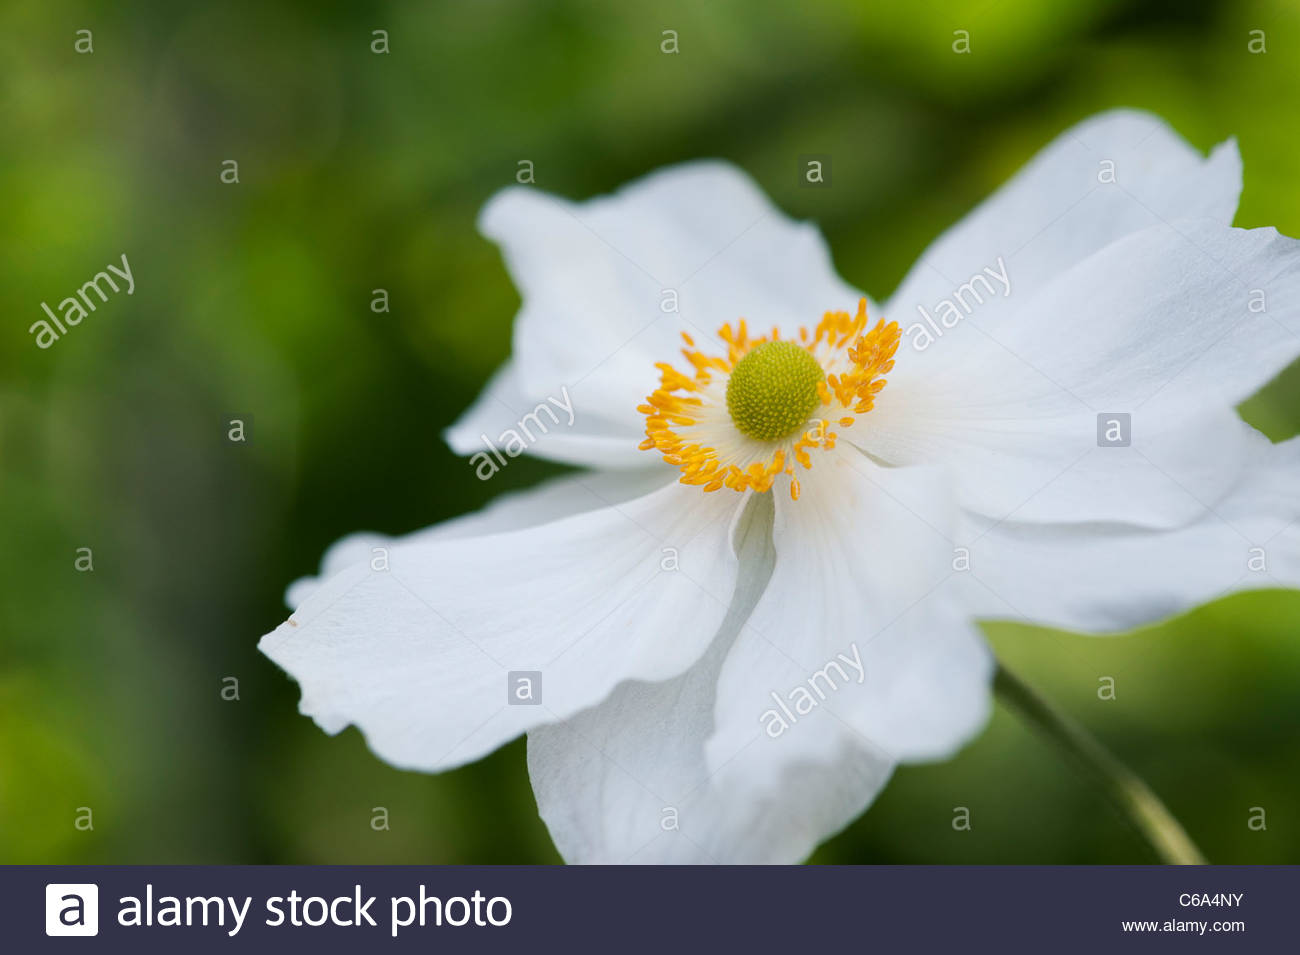 Anemone hybrida 'Honorine Jobert'. Japanese anemone flower - Stock Image